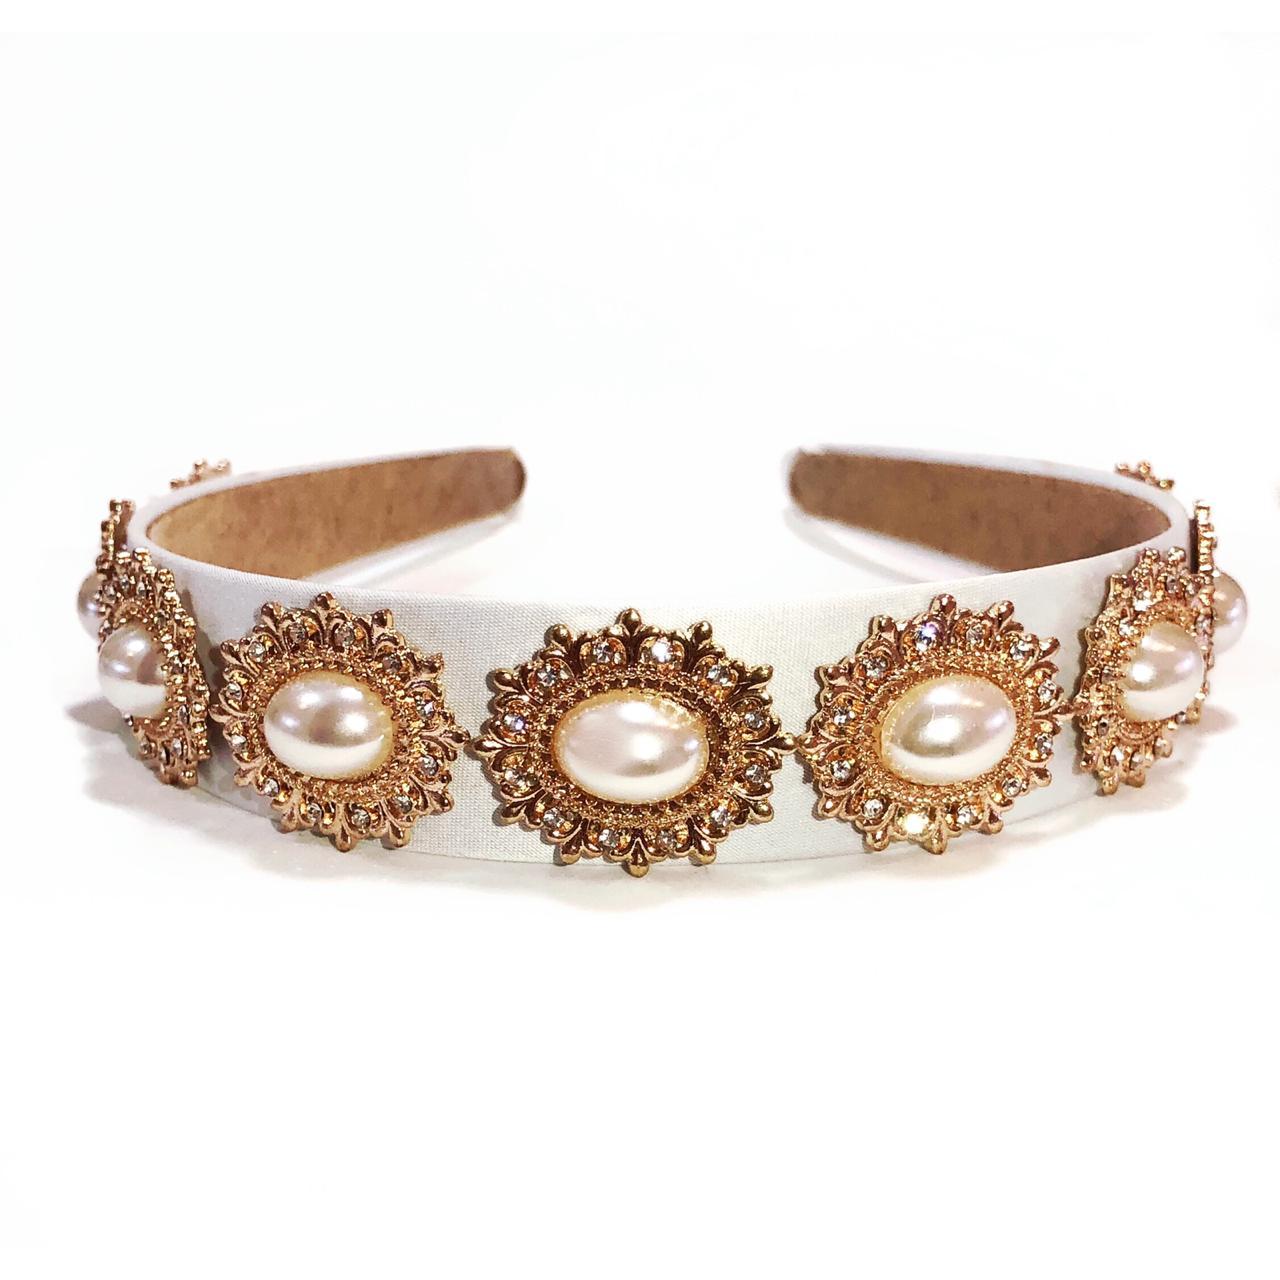 Tiara Artesanal para Noivas, de Tecido, com aplique de Maxi Pérolas em Metal Dourado.